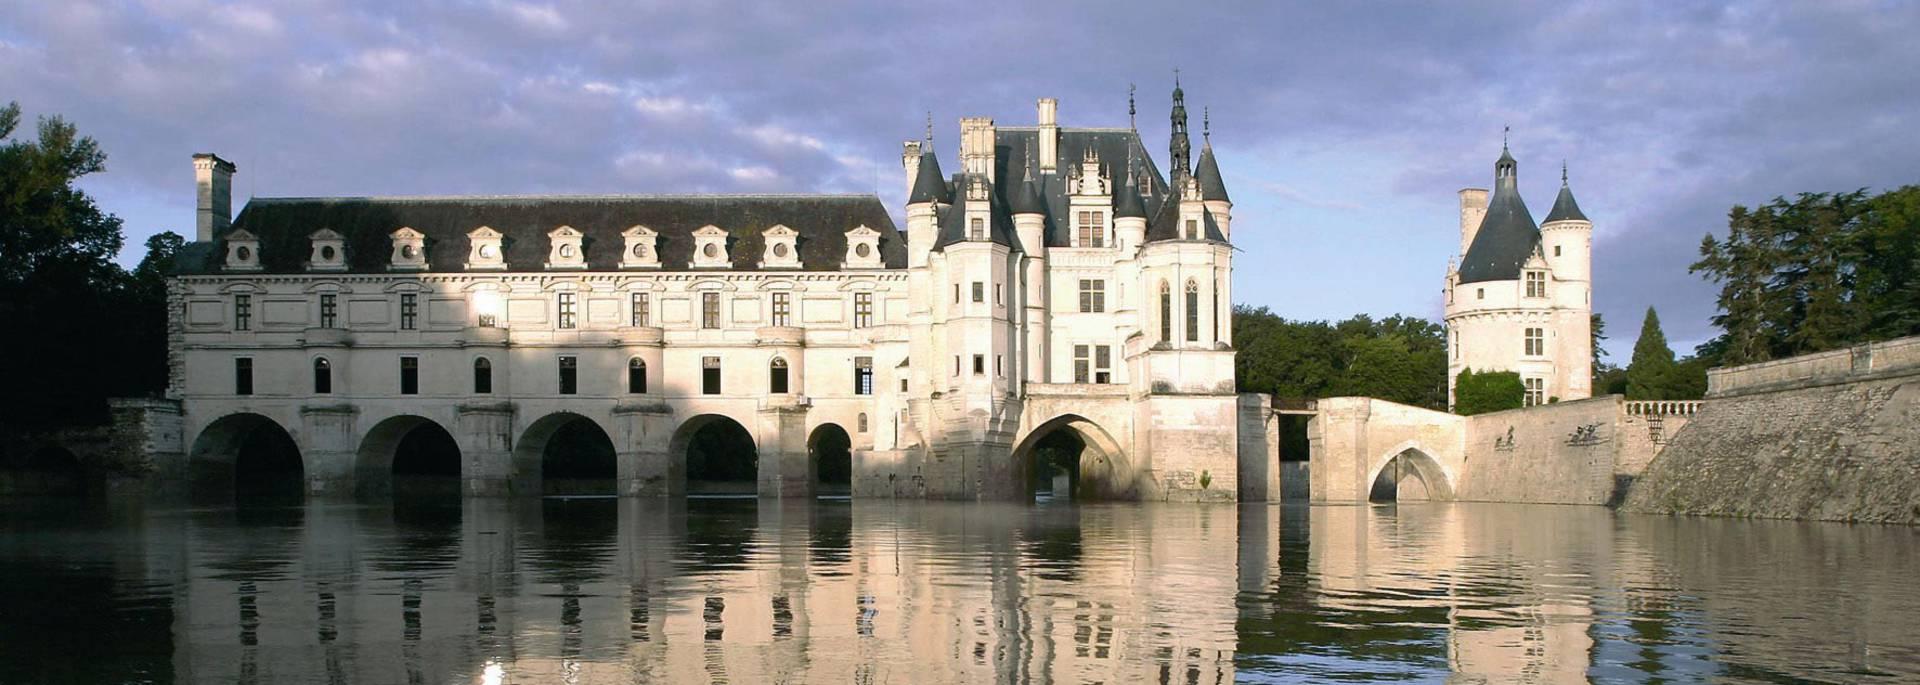 Le château de Chenonceau sur le Cher